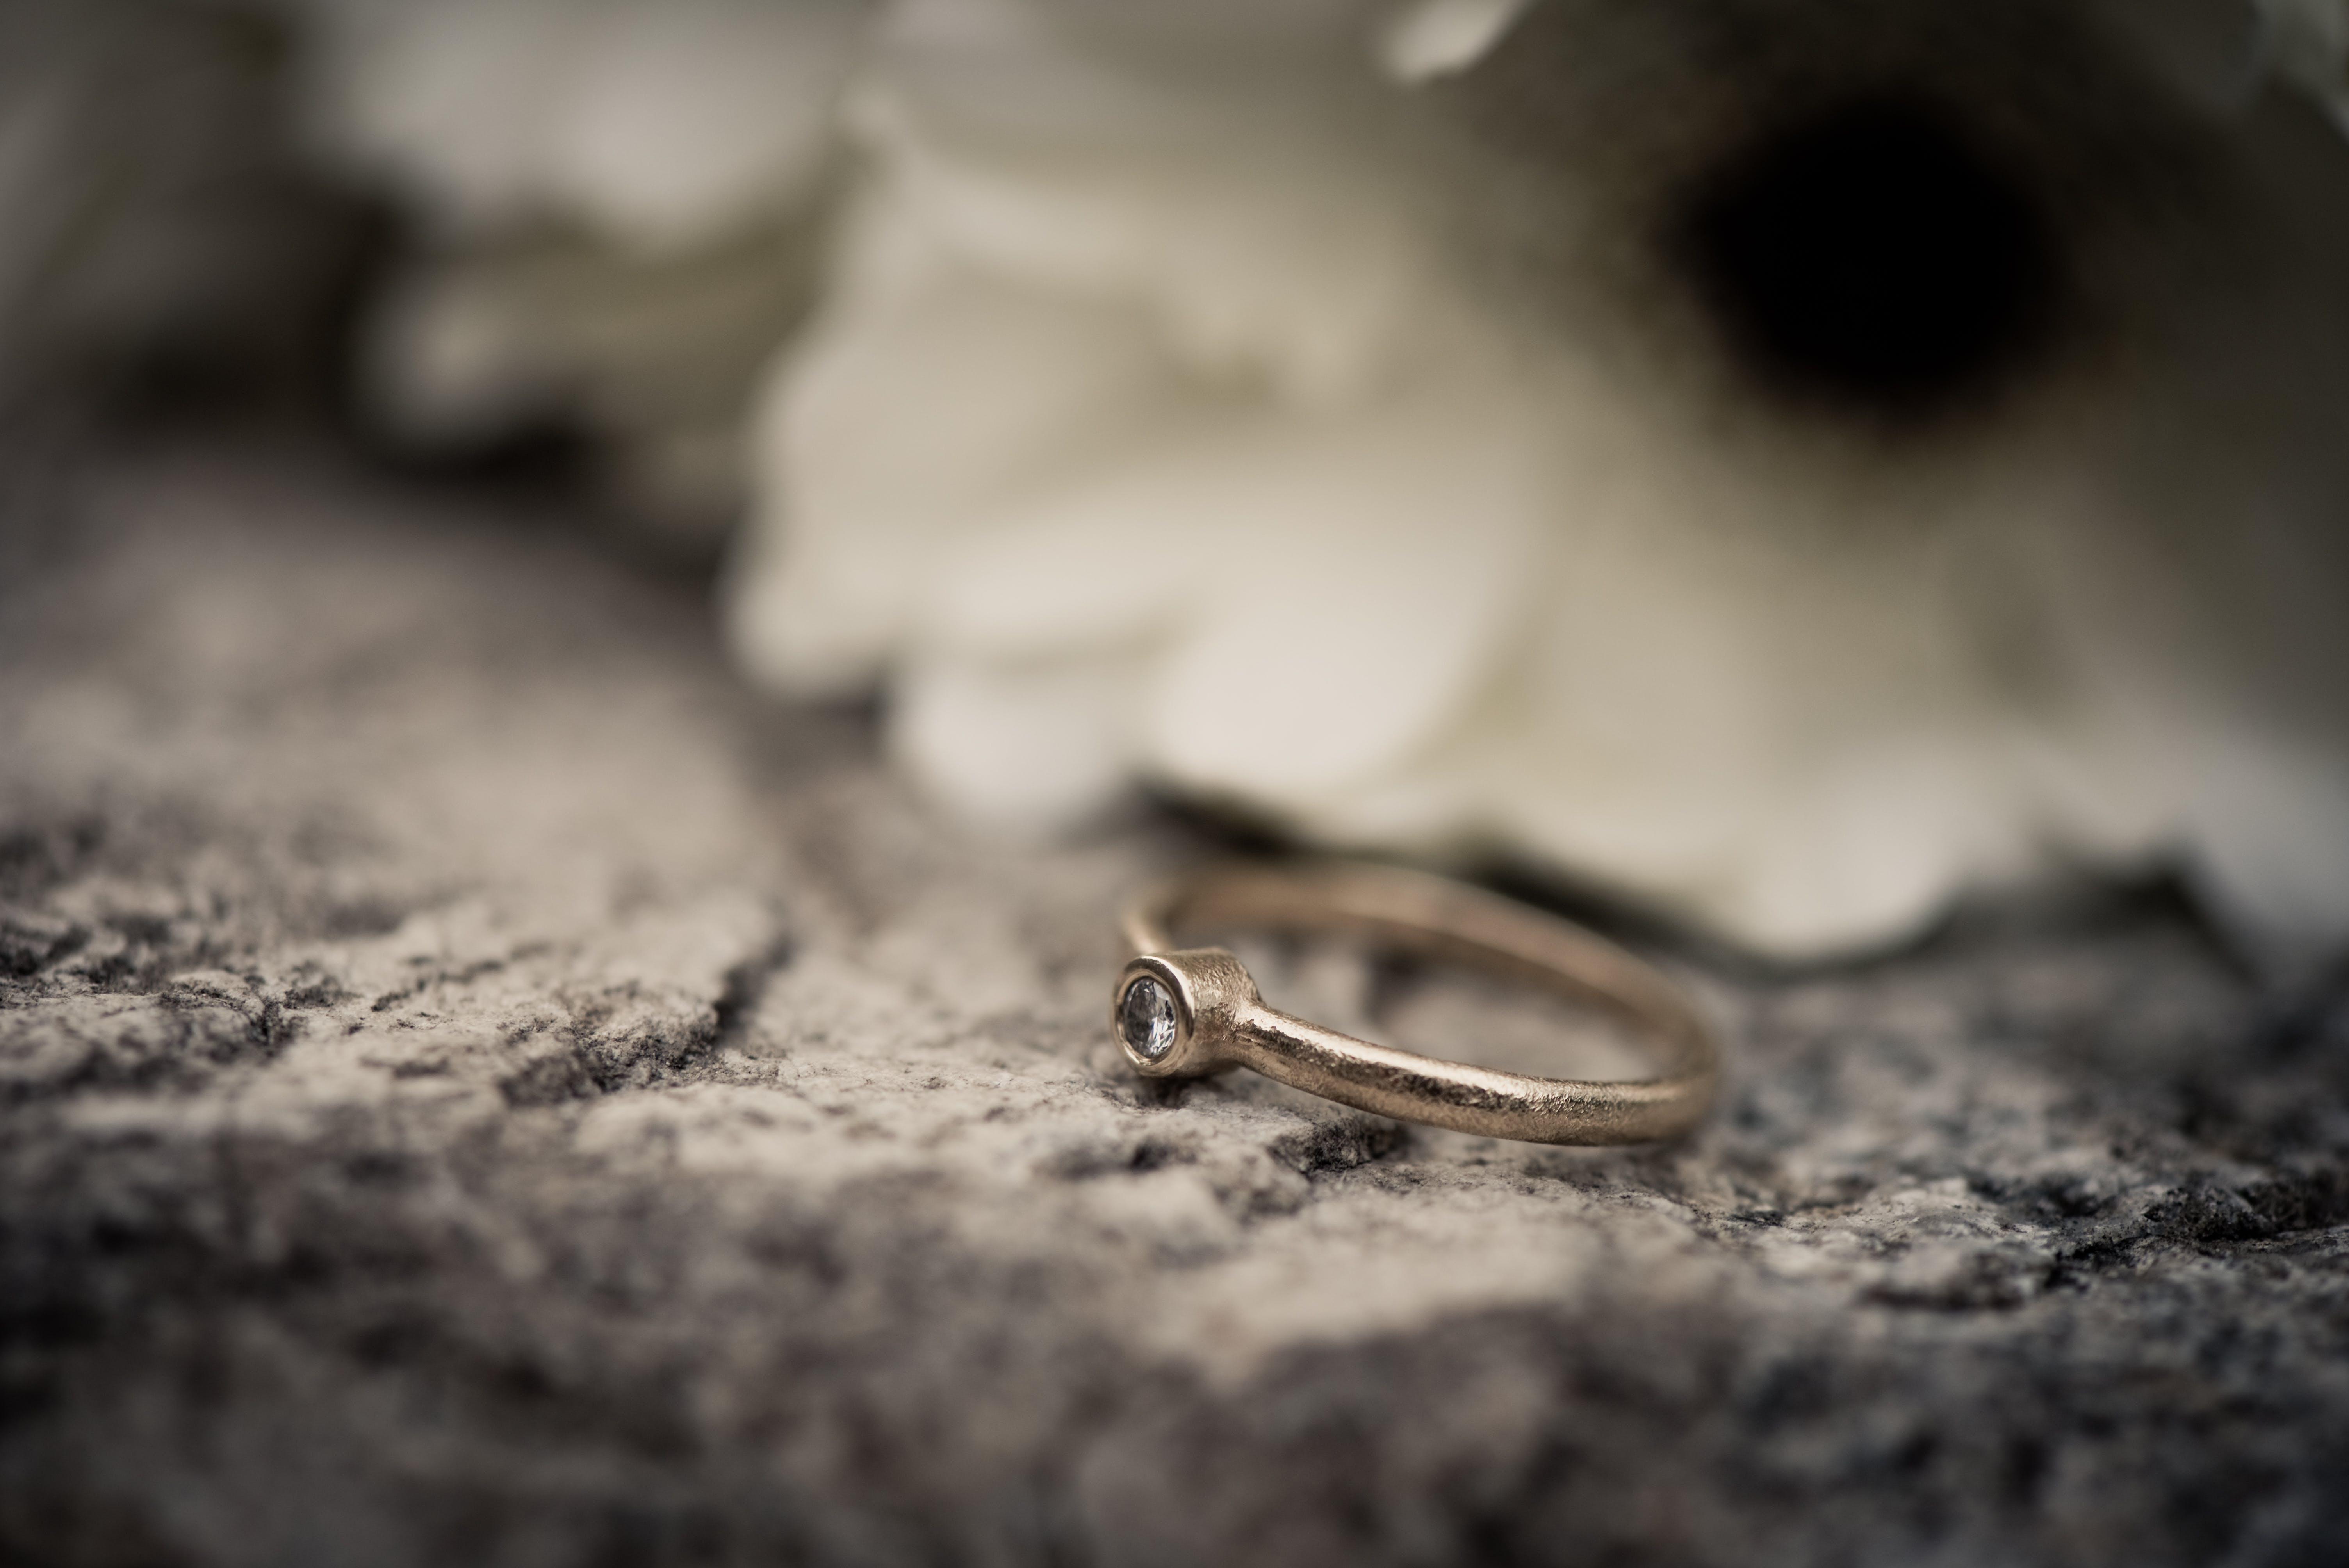 地面, 戒指, 景深, 首飾 的 免费素材照片